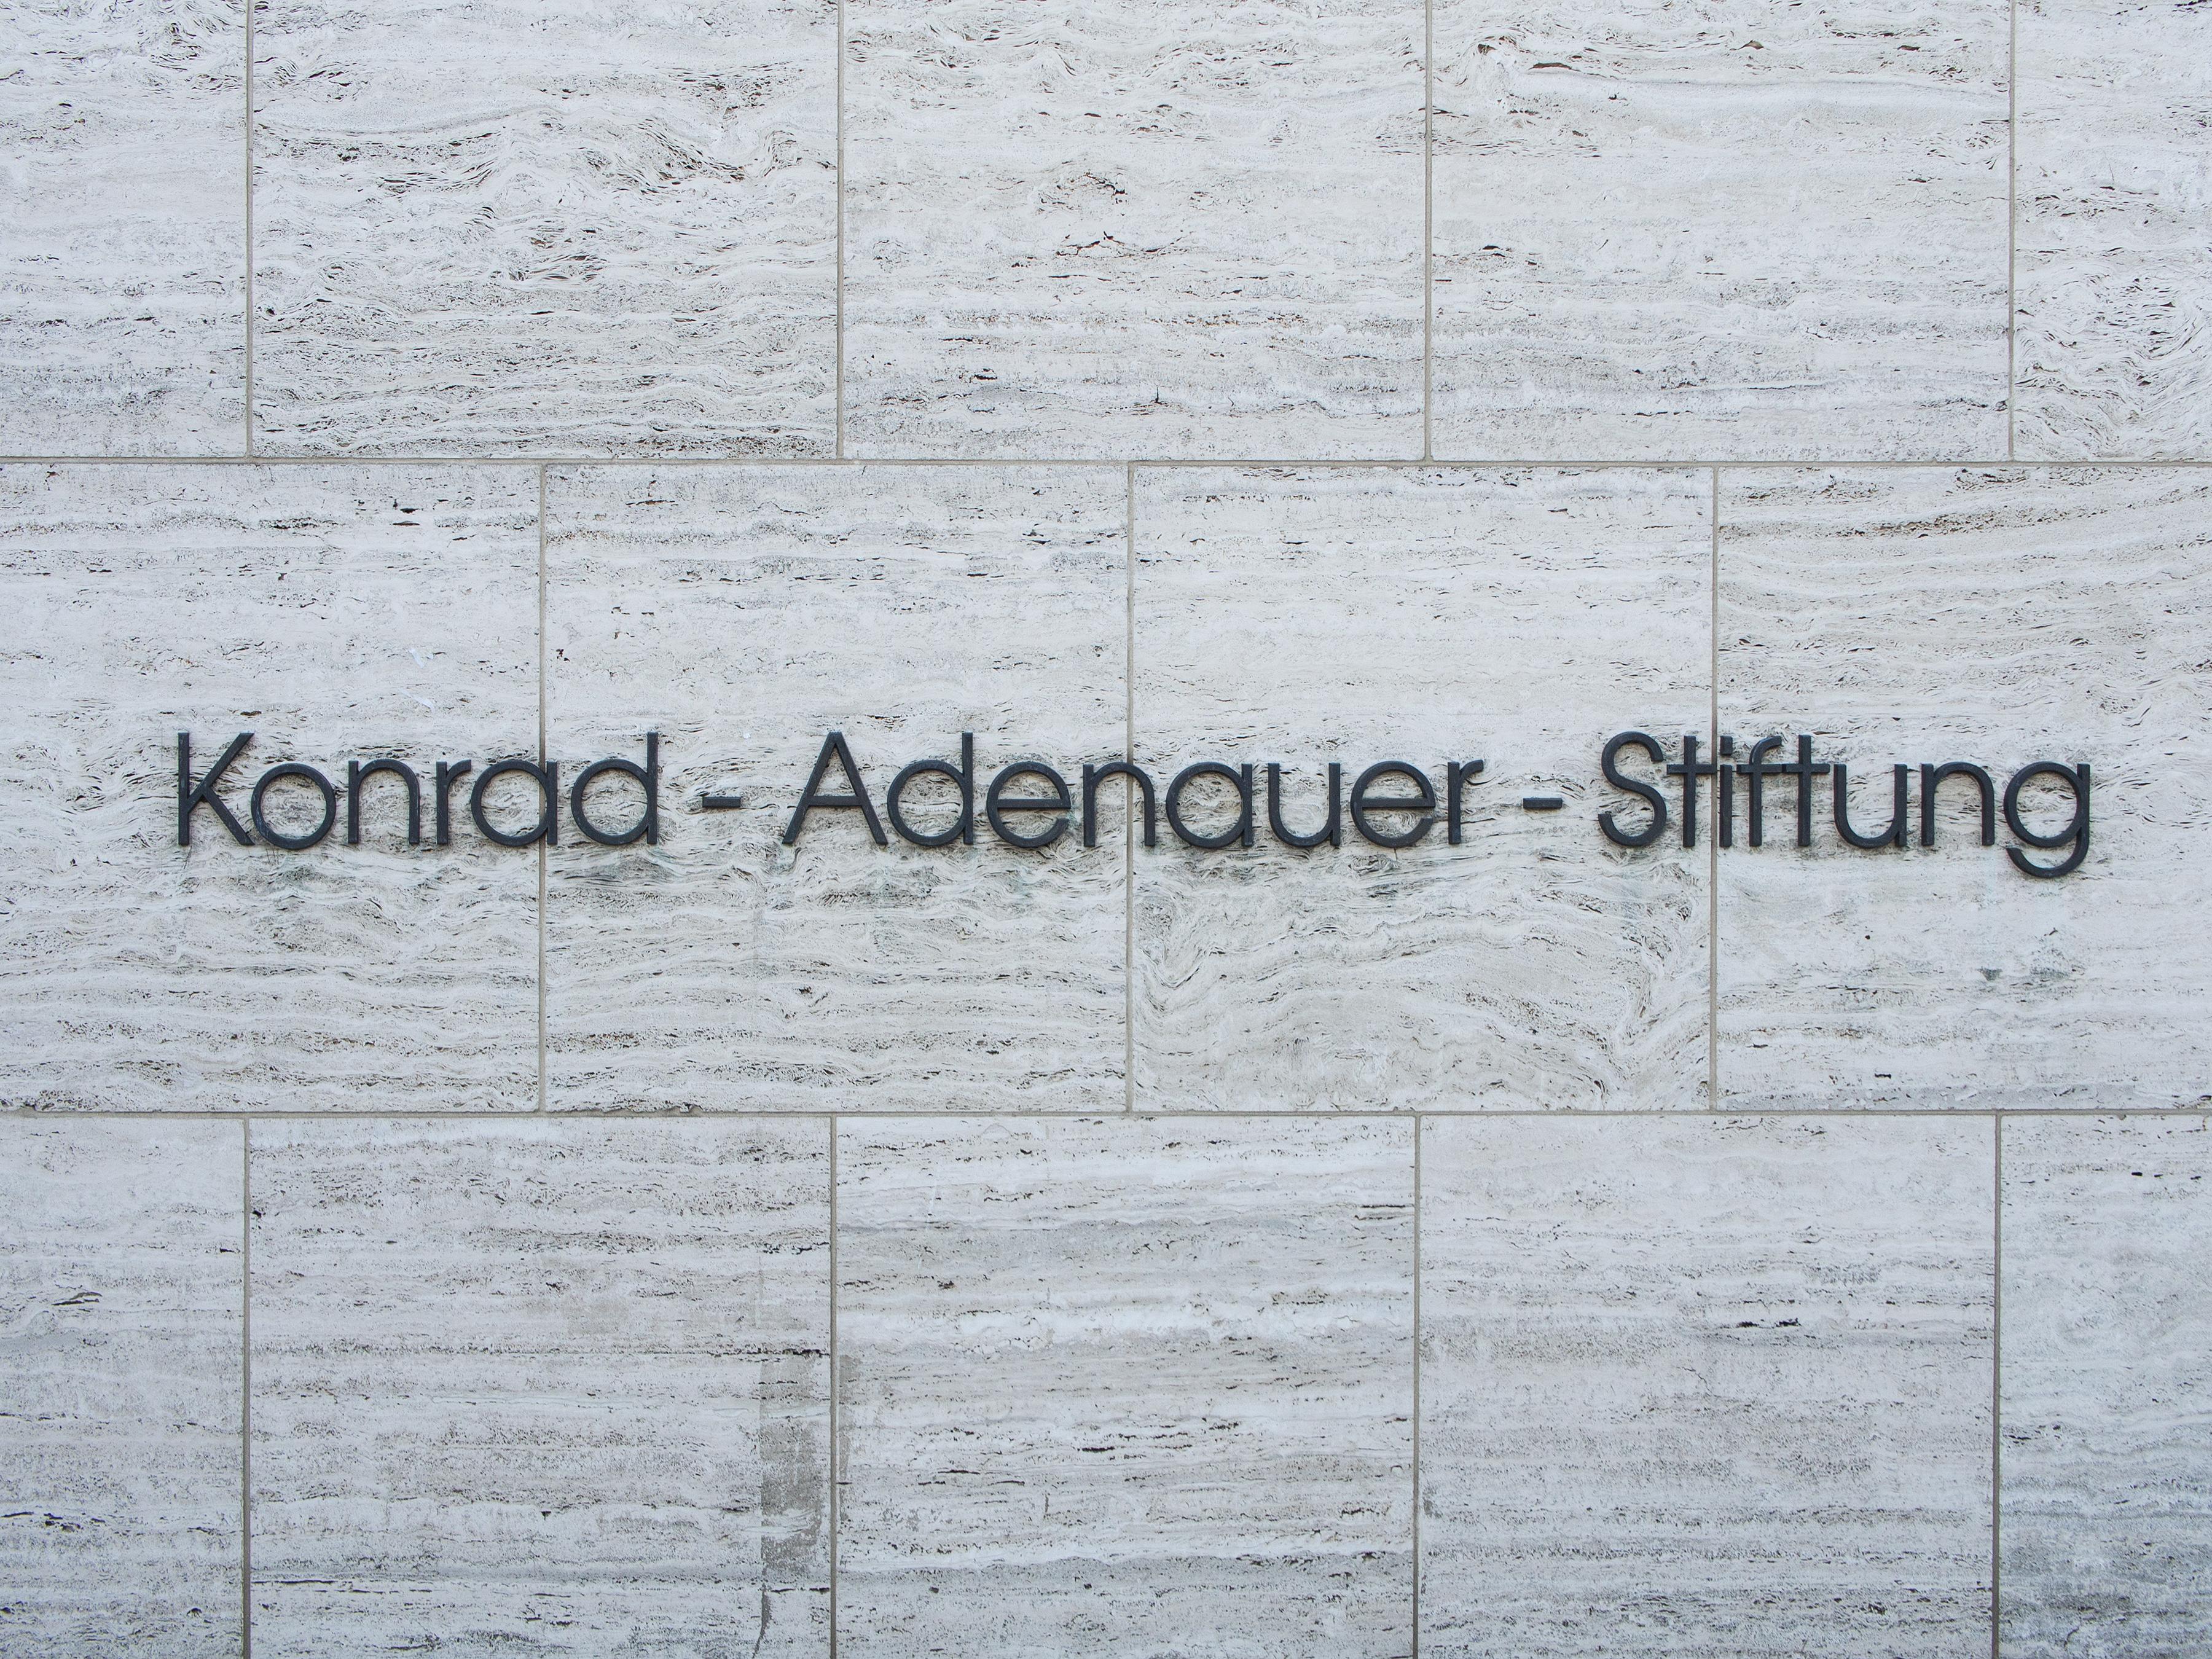 CDU-nahe Konrad-Adenauer-Stiftung warnt vor Manipulationen Pekings